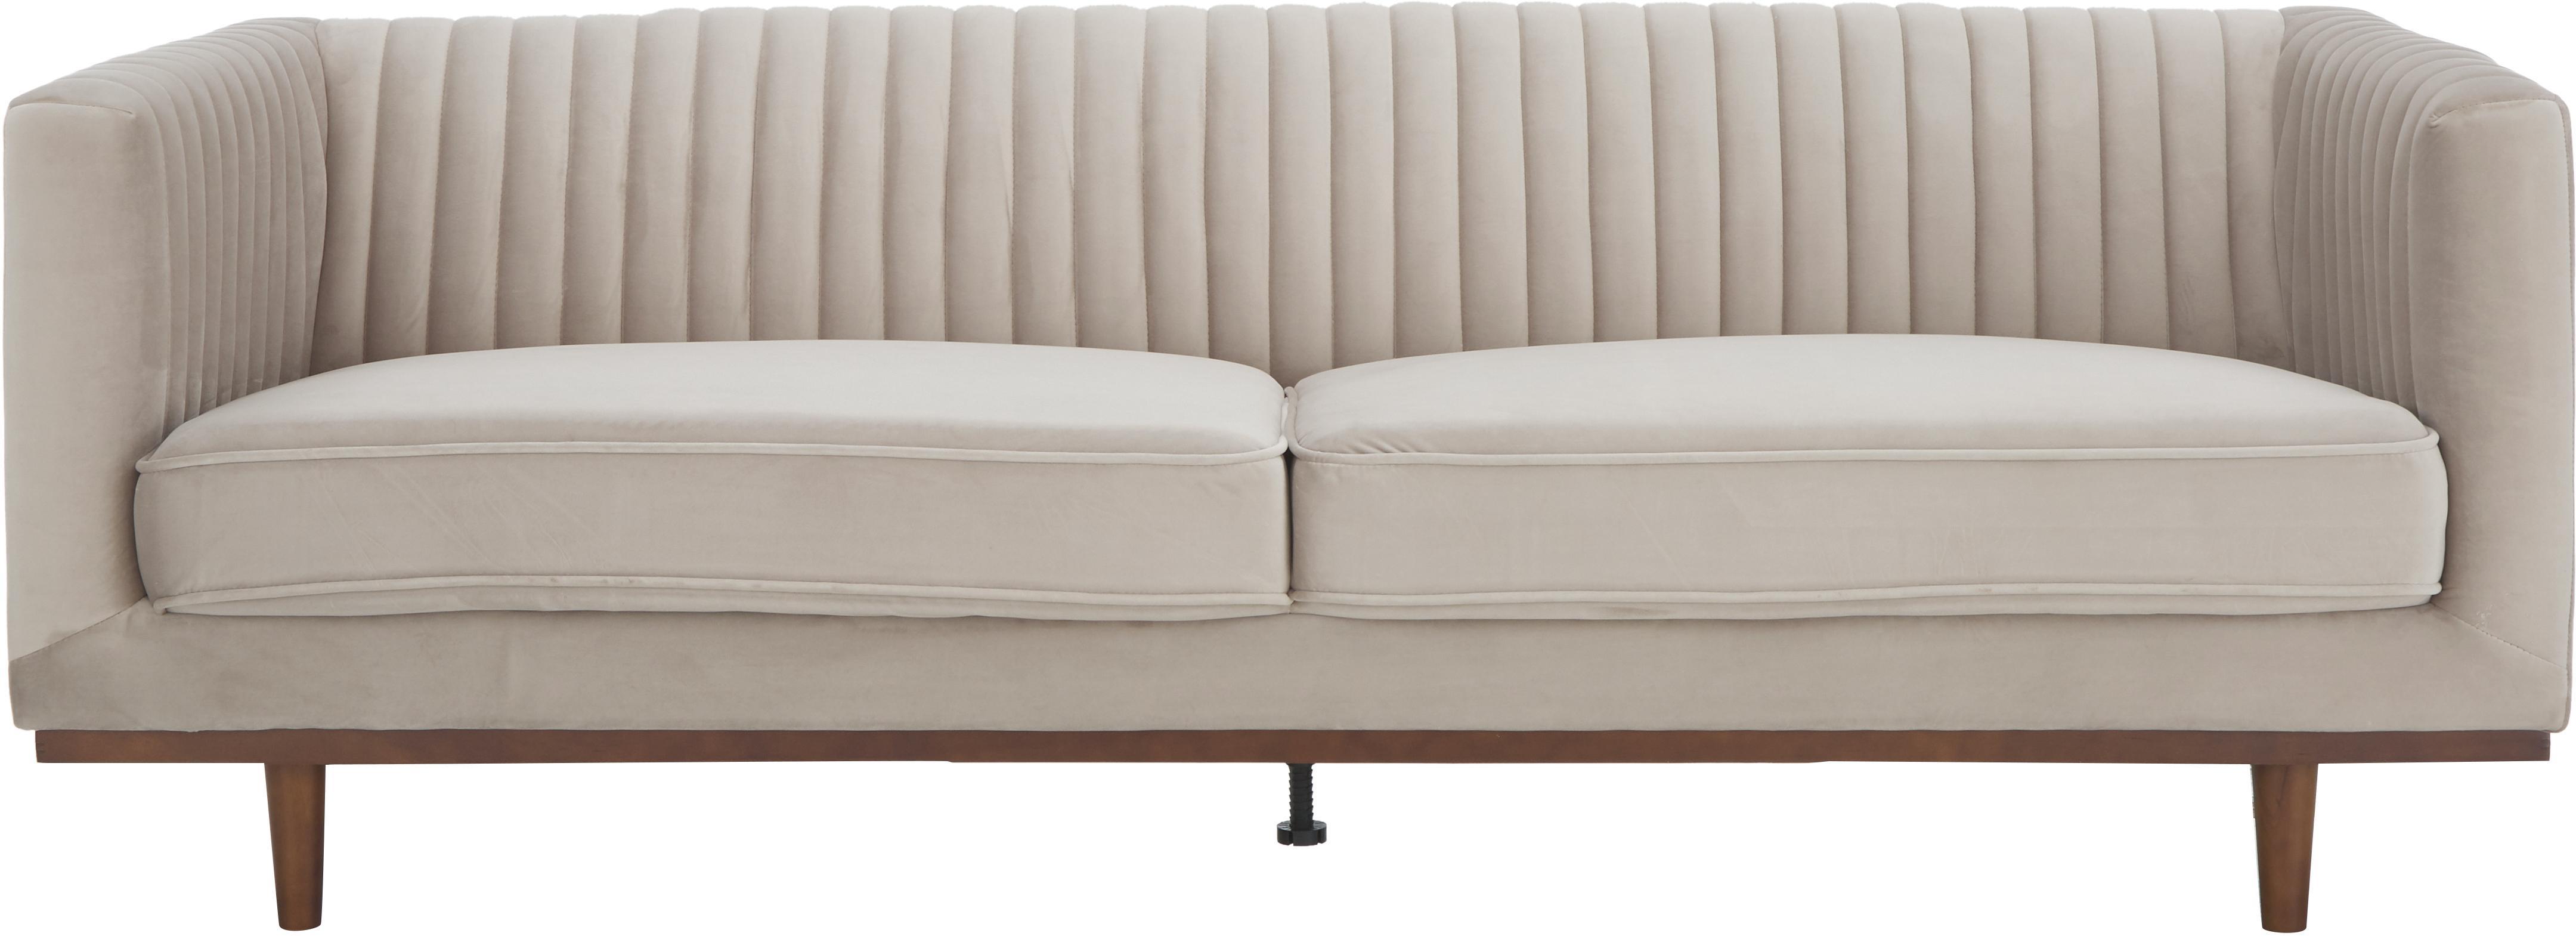 Sofá de terciopelo Dante (3plazas), Tapizado: terciopelo de poliéster, Estructura: madera de caucho lacada, Beige, An 210 x F 87 cm